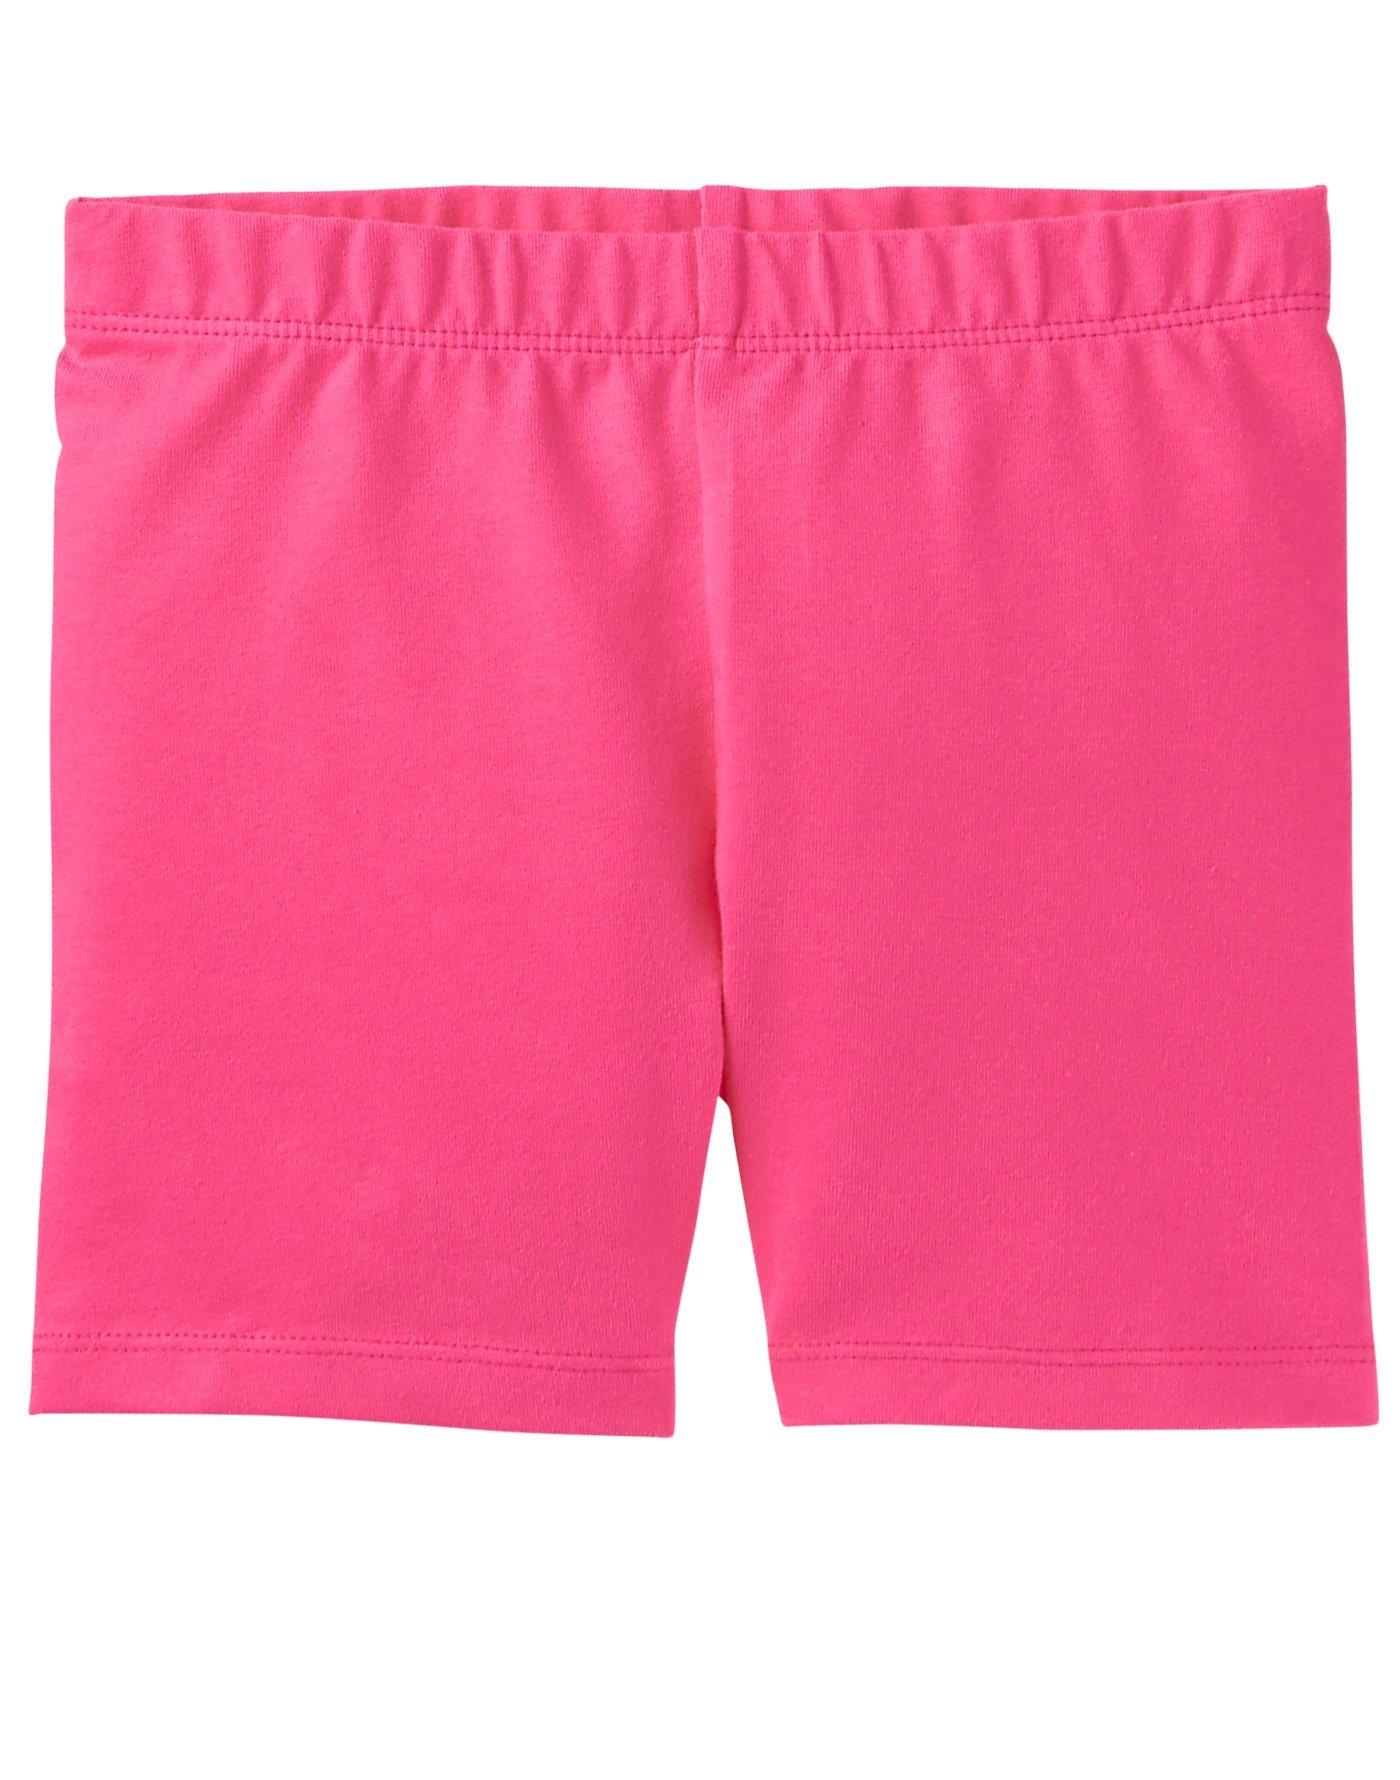 Gymboree Little Girls' Basic Knit Cartwheel Short, Pink, S